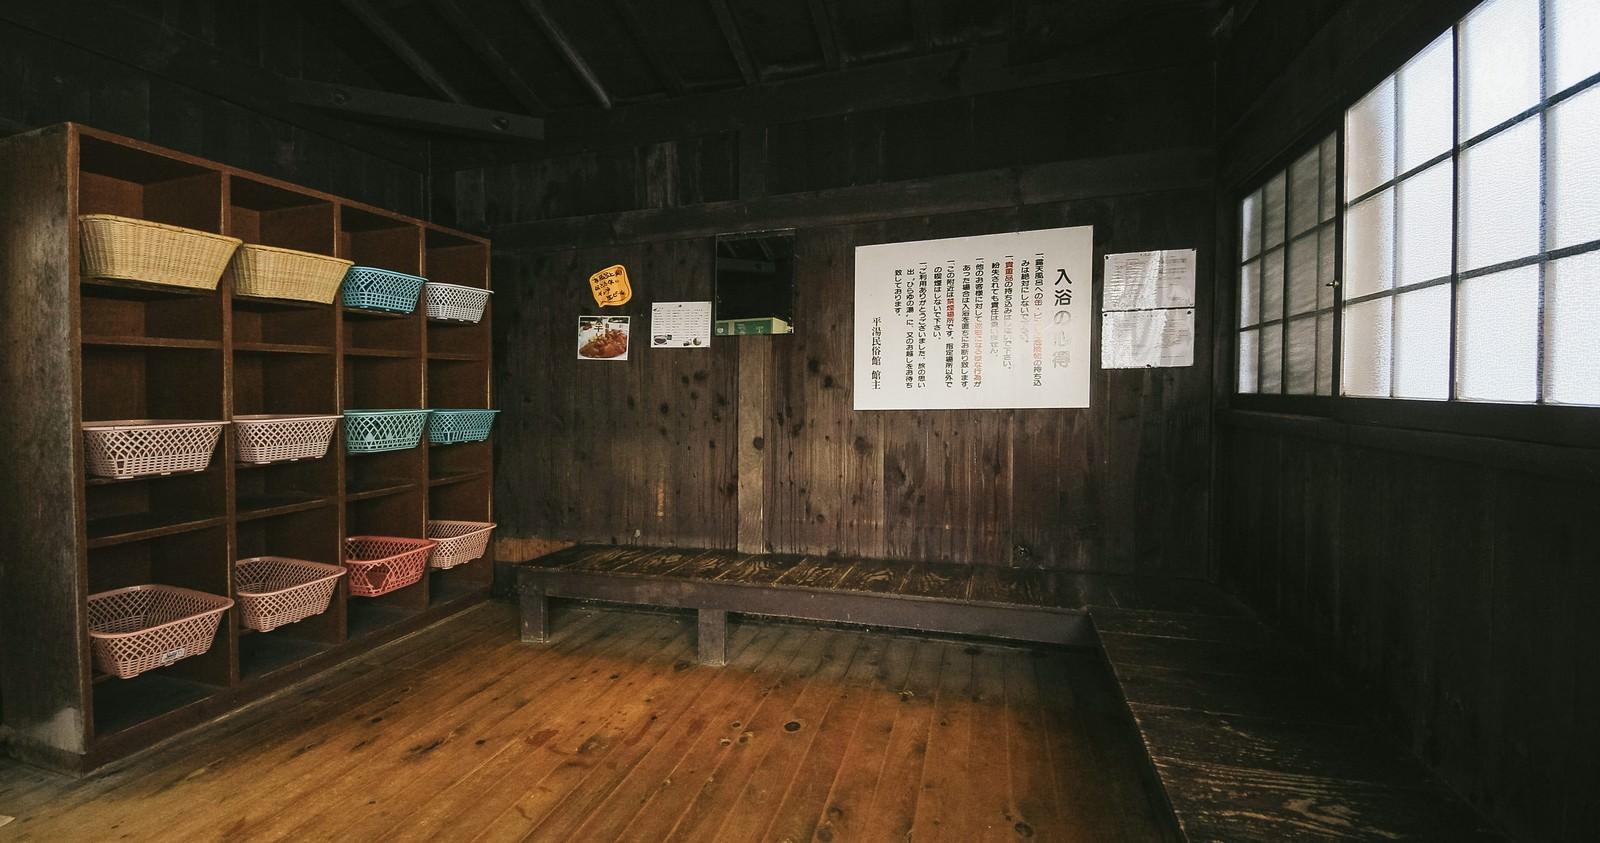 「平湯温泉の中で最も昭和の雰囲気漂う秘湯温泉の脱衣場」の写真